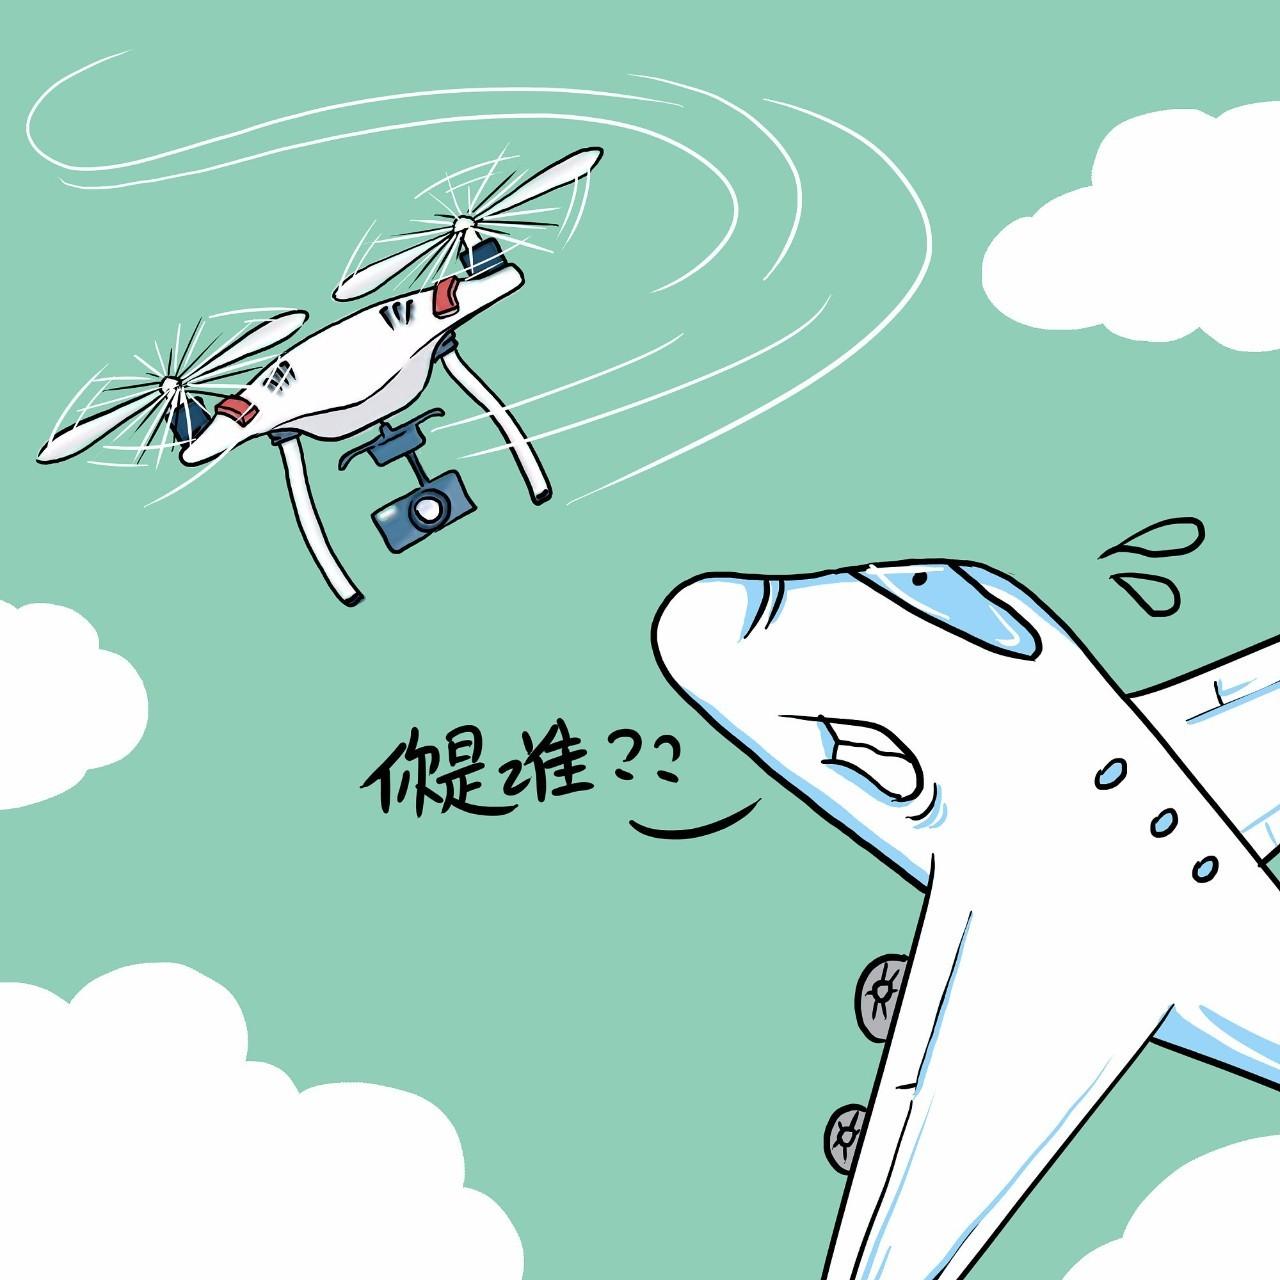 震惊| 17天9起100余航班备降!成都机场无人机扰航班被